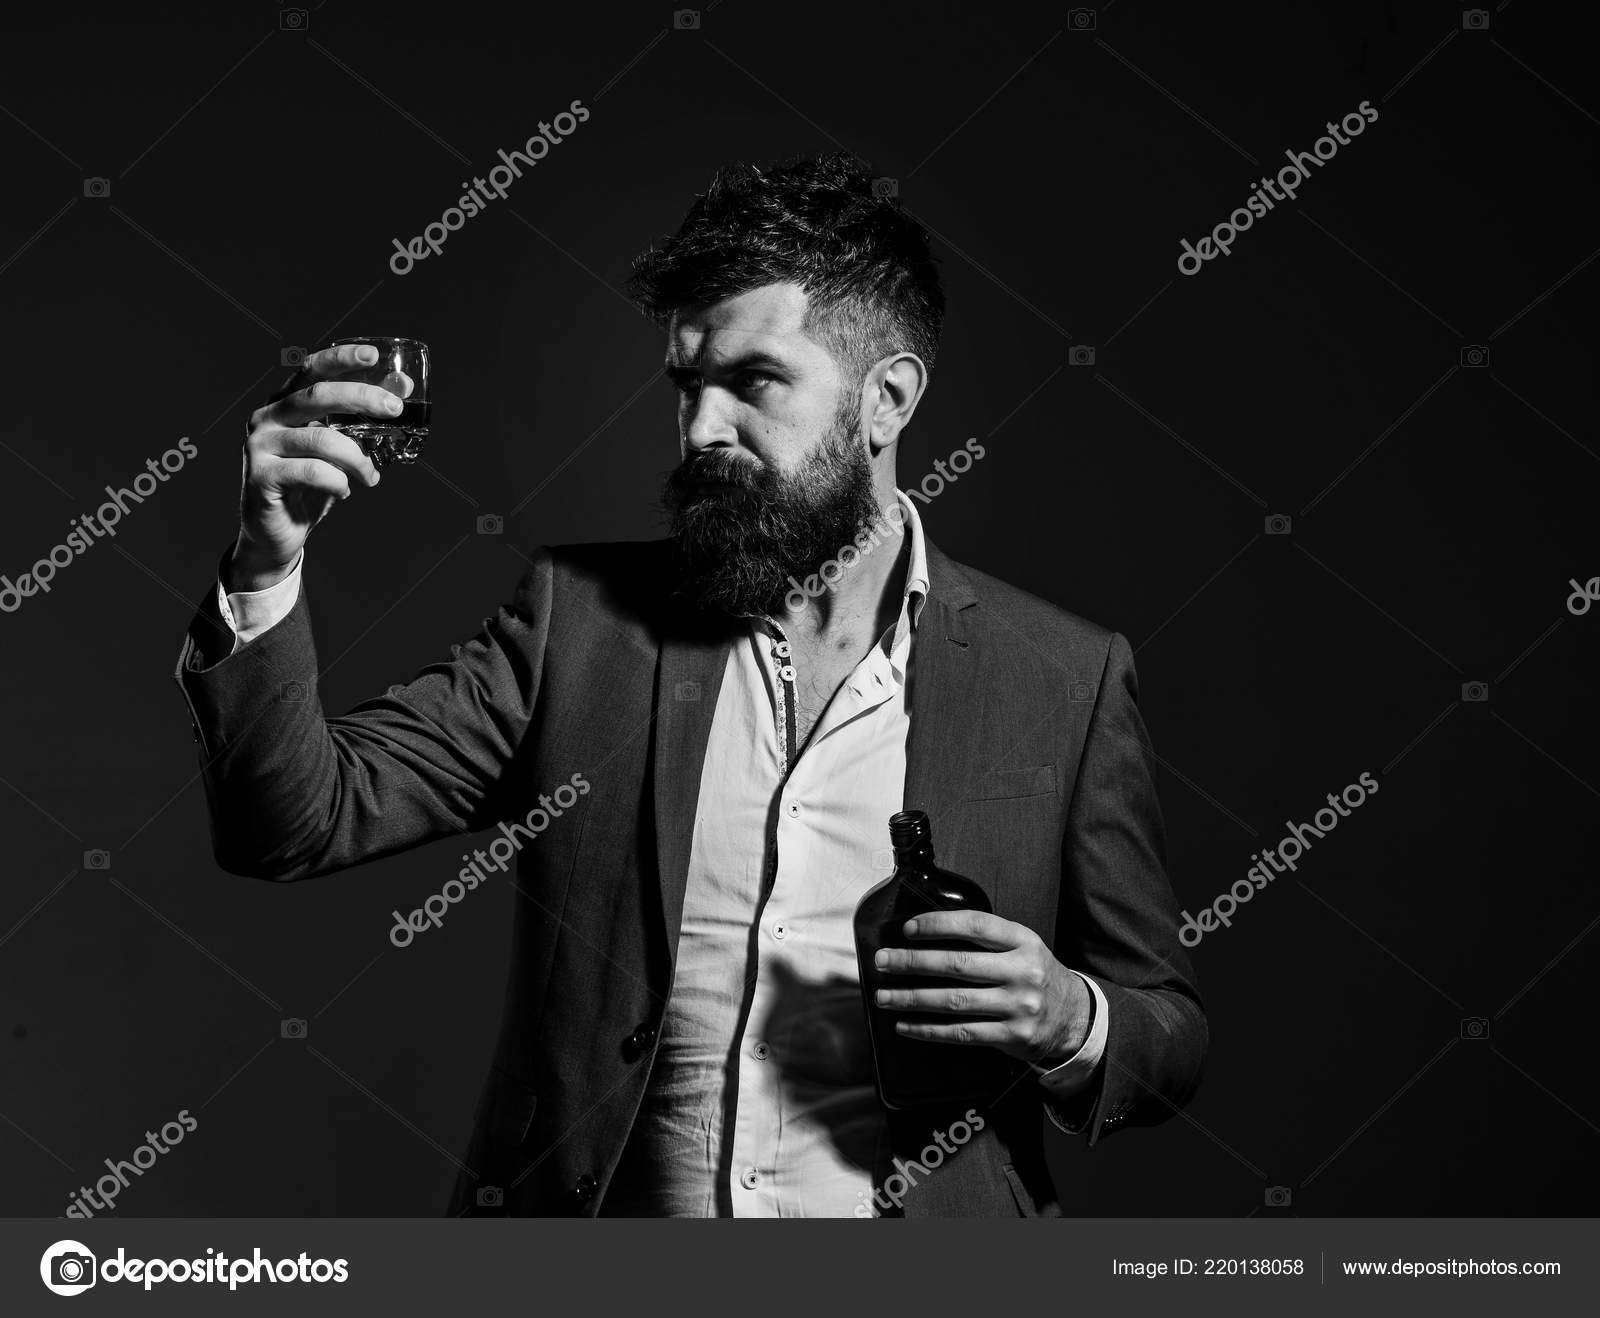 datování alkoholické ženy dělá kosti a budky někdy připojit